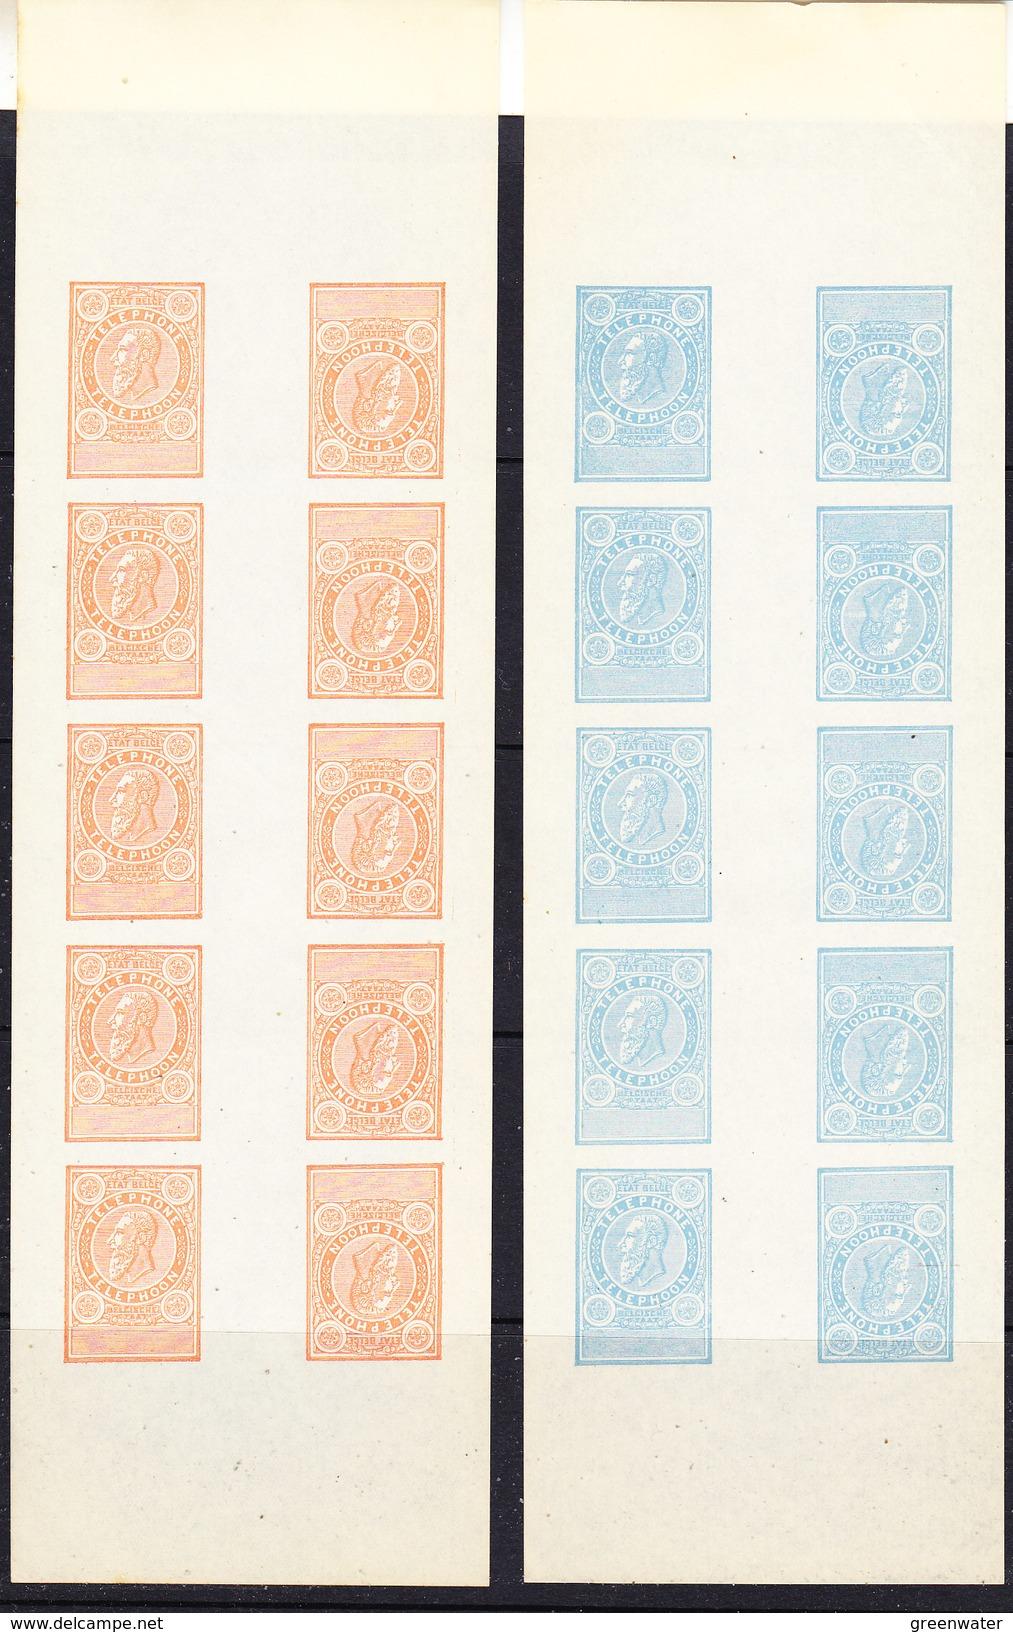 Belgie 1891 Telefoonzegels 4w Kopstaand  Strip 5x Proefdrukken, Zonder Waardeaanduiding, Zonder Gom (F6238) - Telefoonzegels